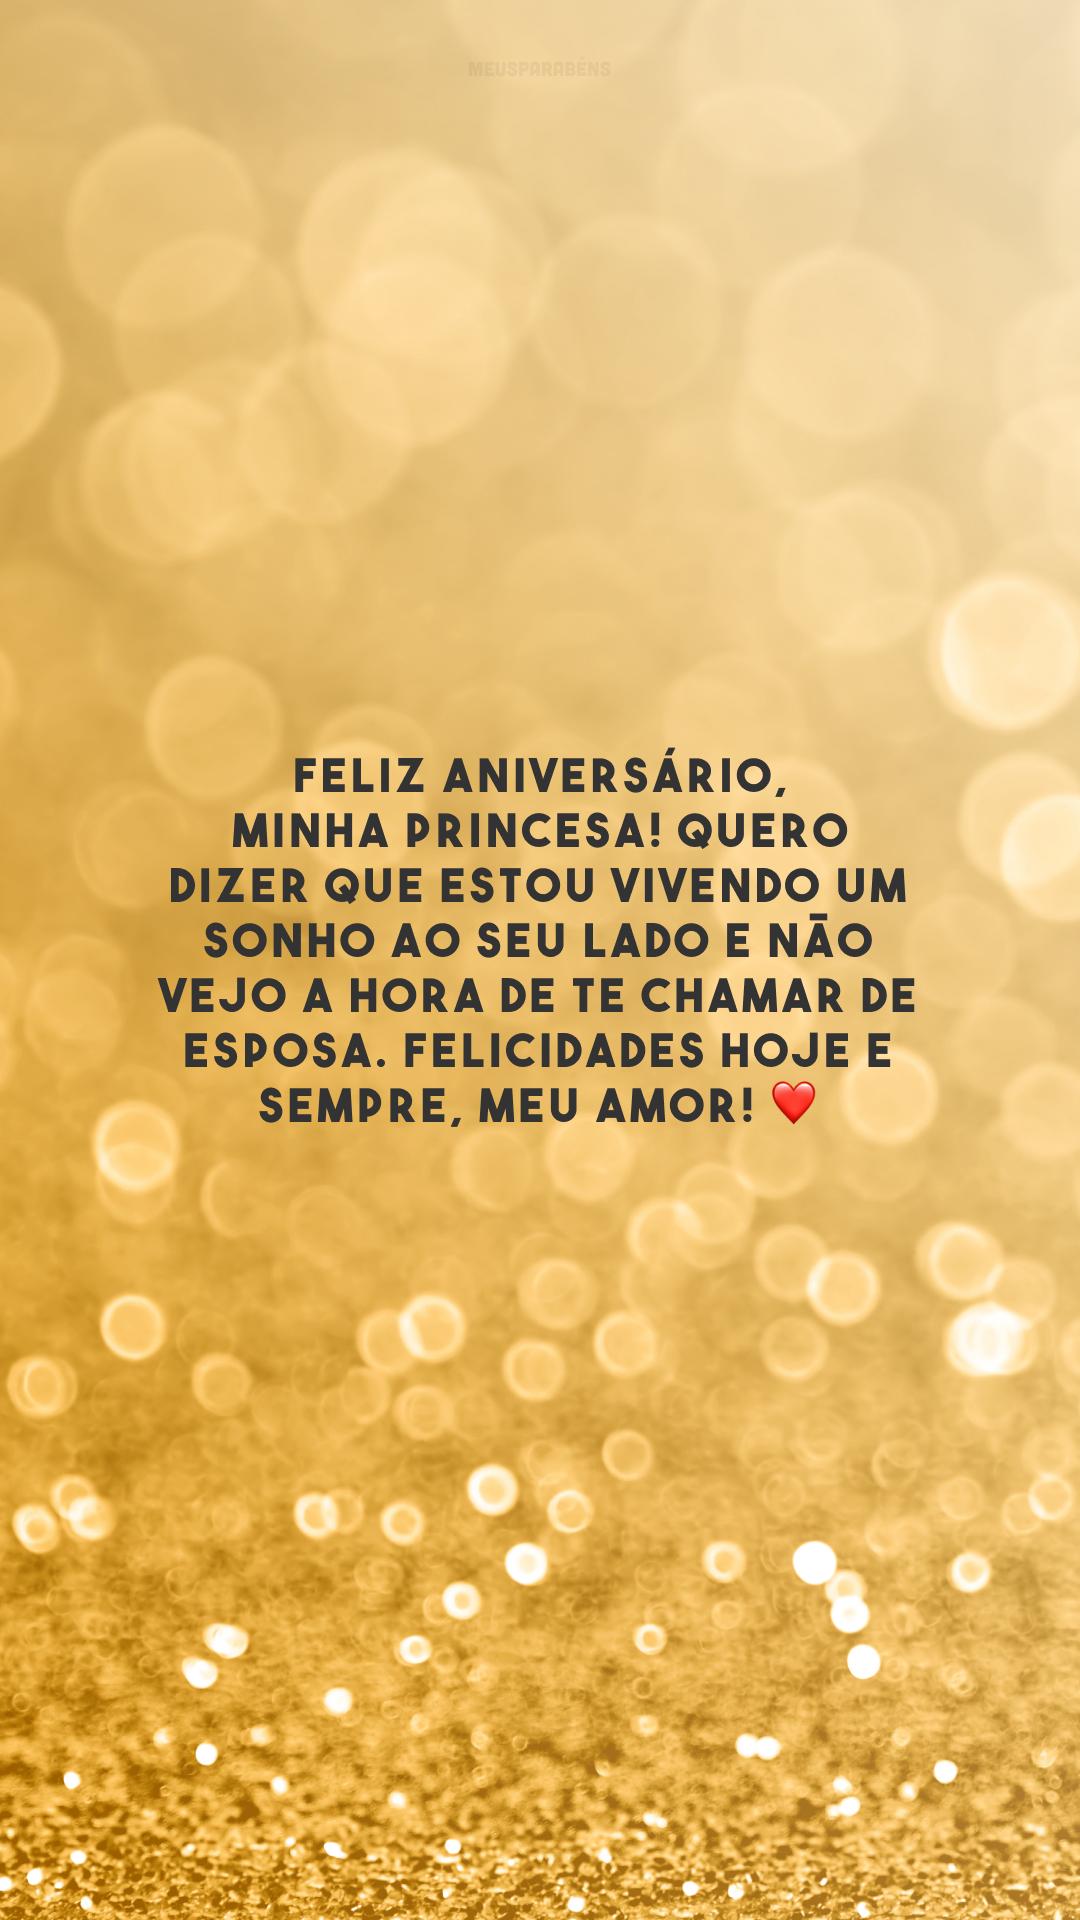 Feliz aniversário, minha princesa! Quero dizer que estou vivendo um sonho ao seu lado e não vejo a hora de te chamar de esposa. Felicidades hoje e sempre, meu amor! ❤️